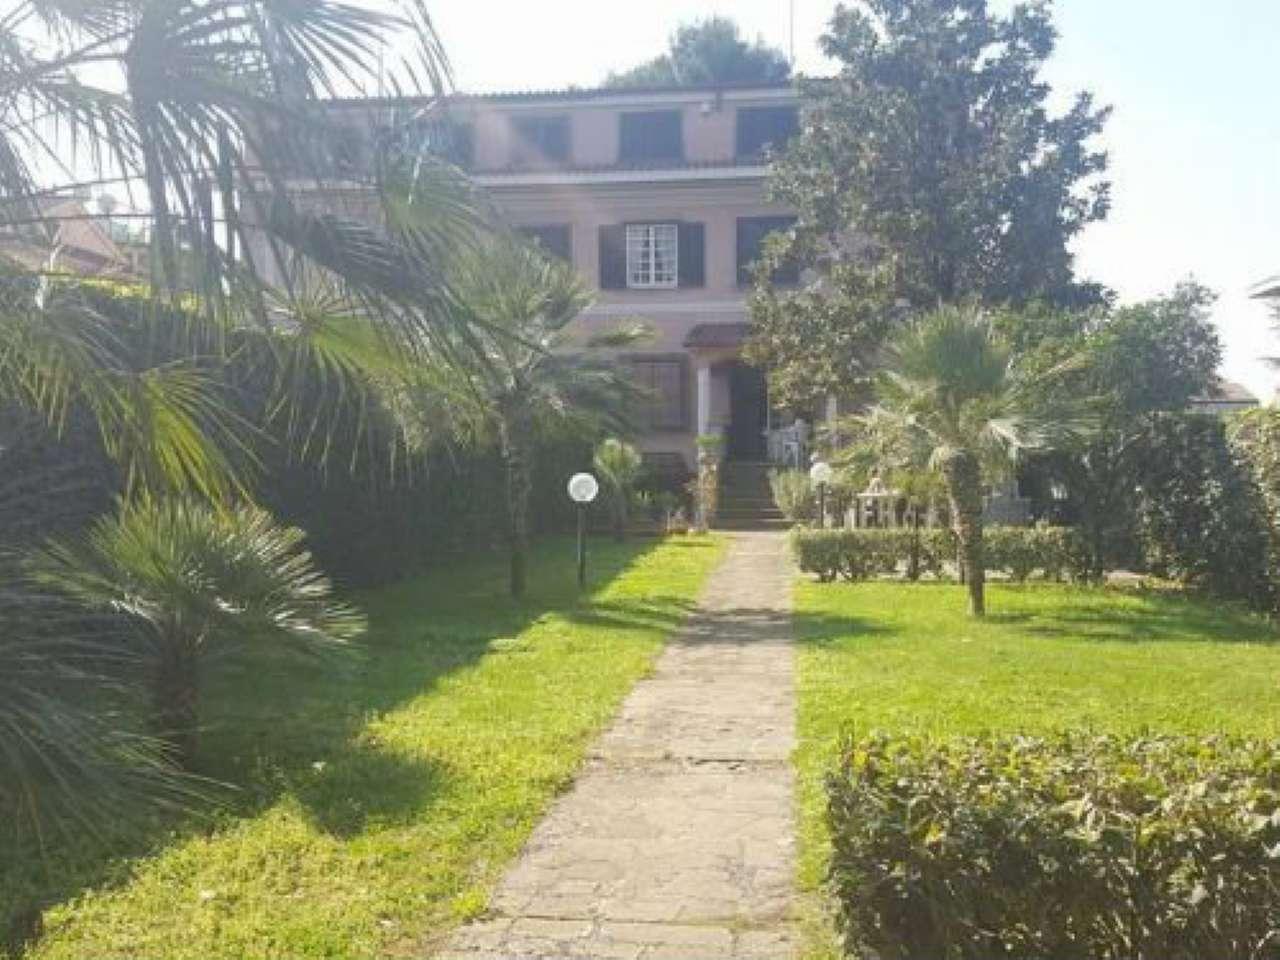 Villa Tri-Quadrifamiliare in vendita a Roma, 7 locali, zona Zona: 38 . Acilia, Vitinia, Infernetto, Axa, Casal Palocco, Madonnetta, prezzo € 420.000 | CambioCasa.it